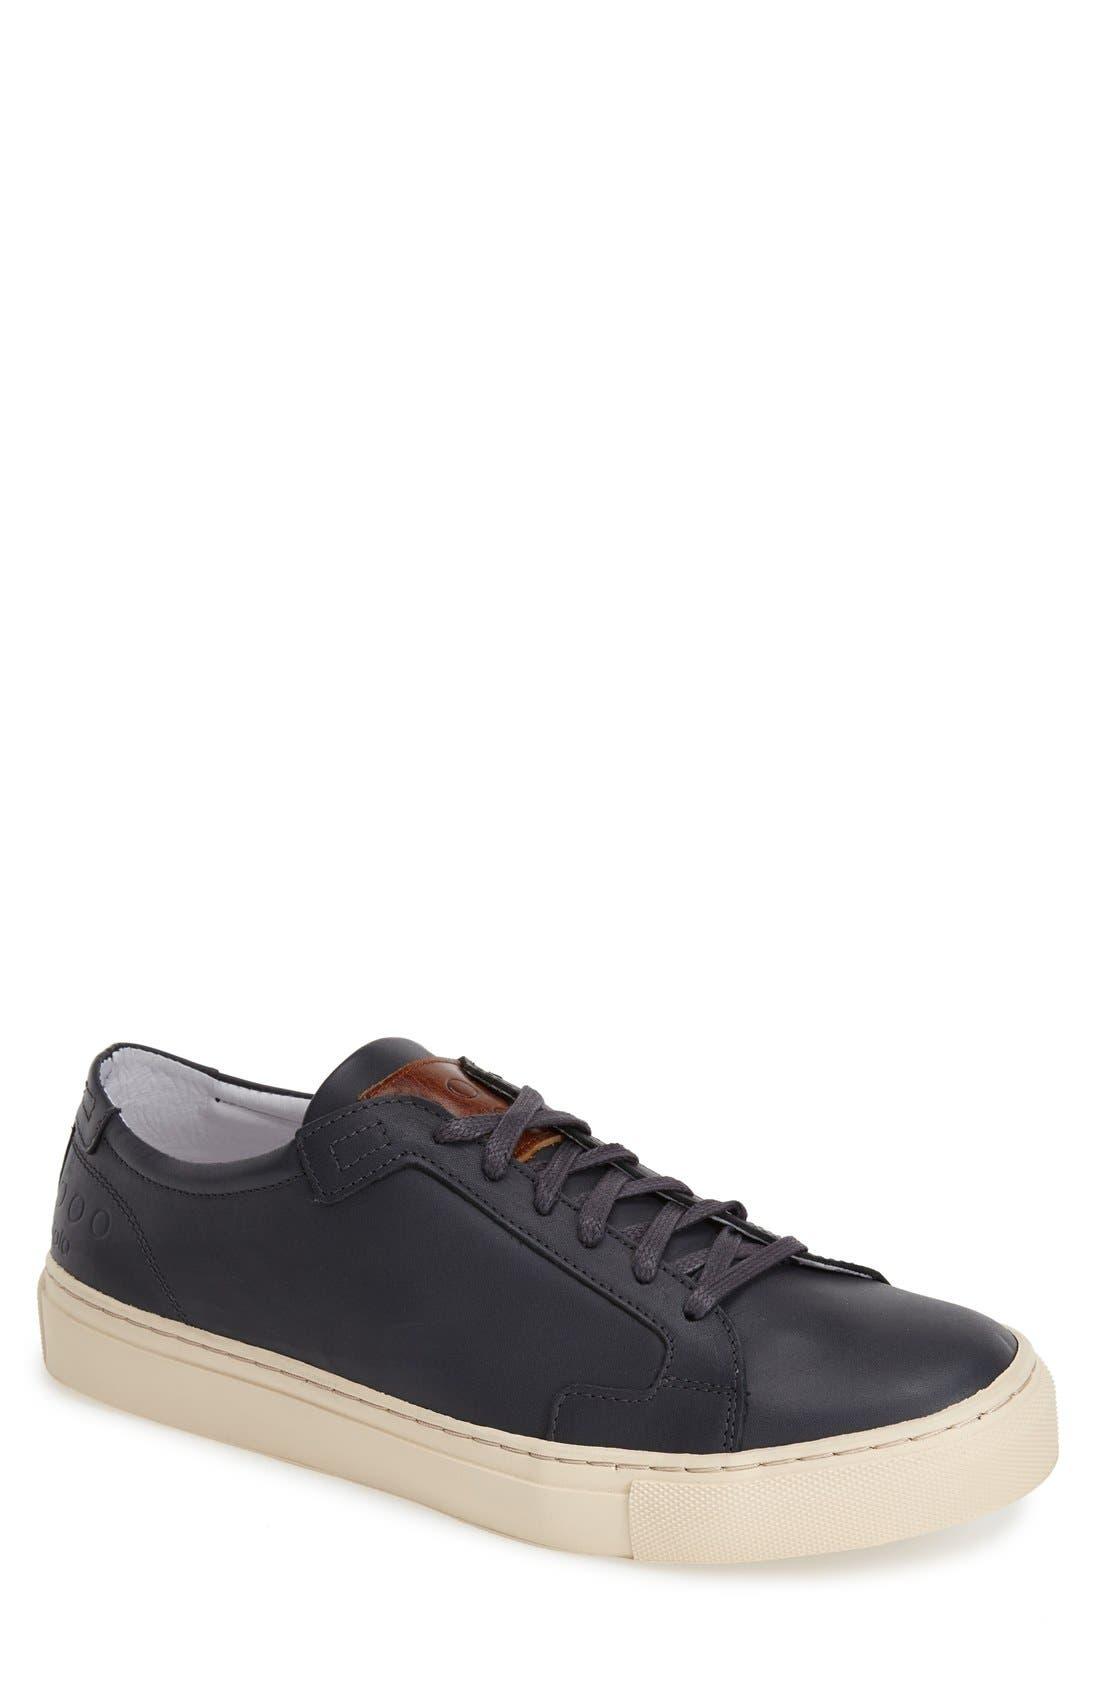 PIOLA 'Ica' Sneaker, Main, color, 029